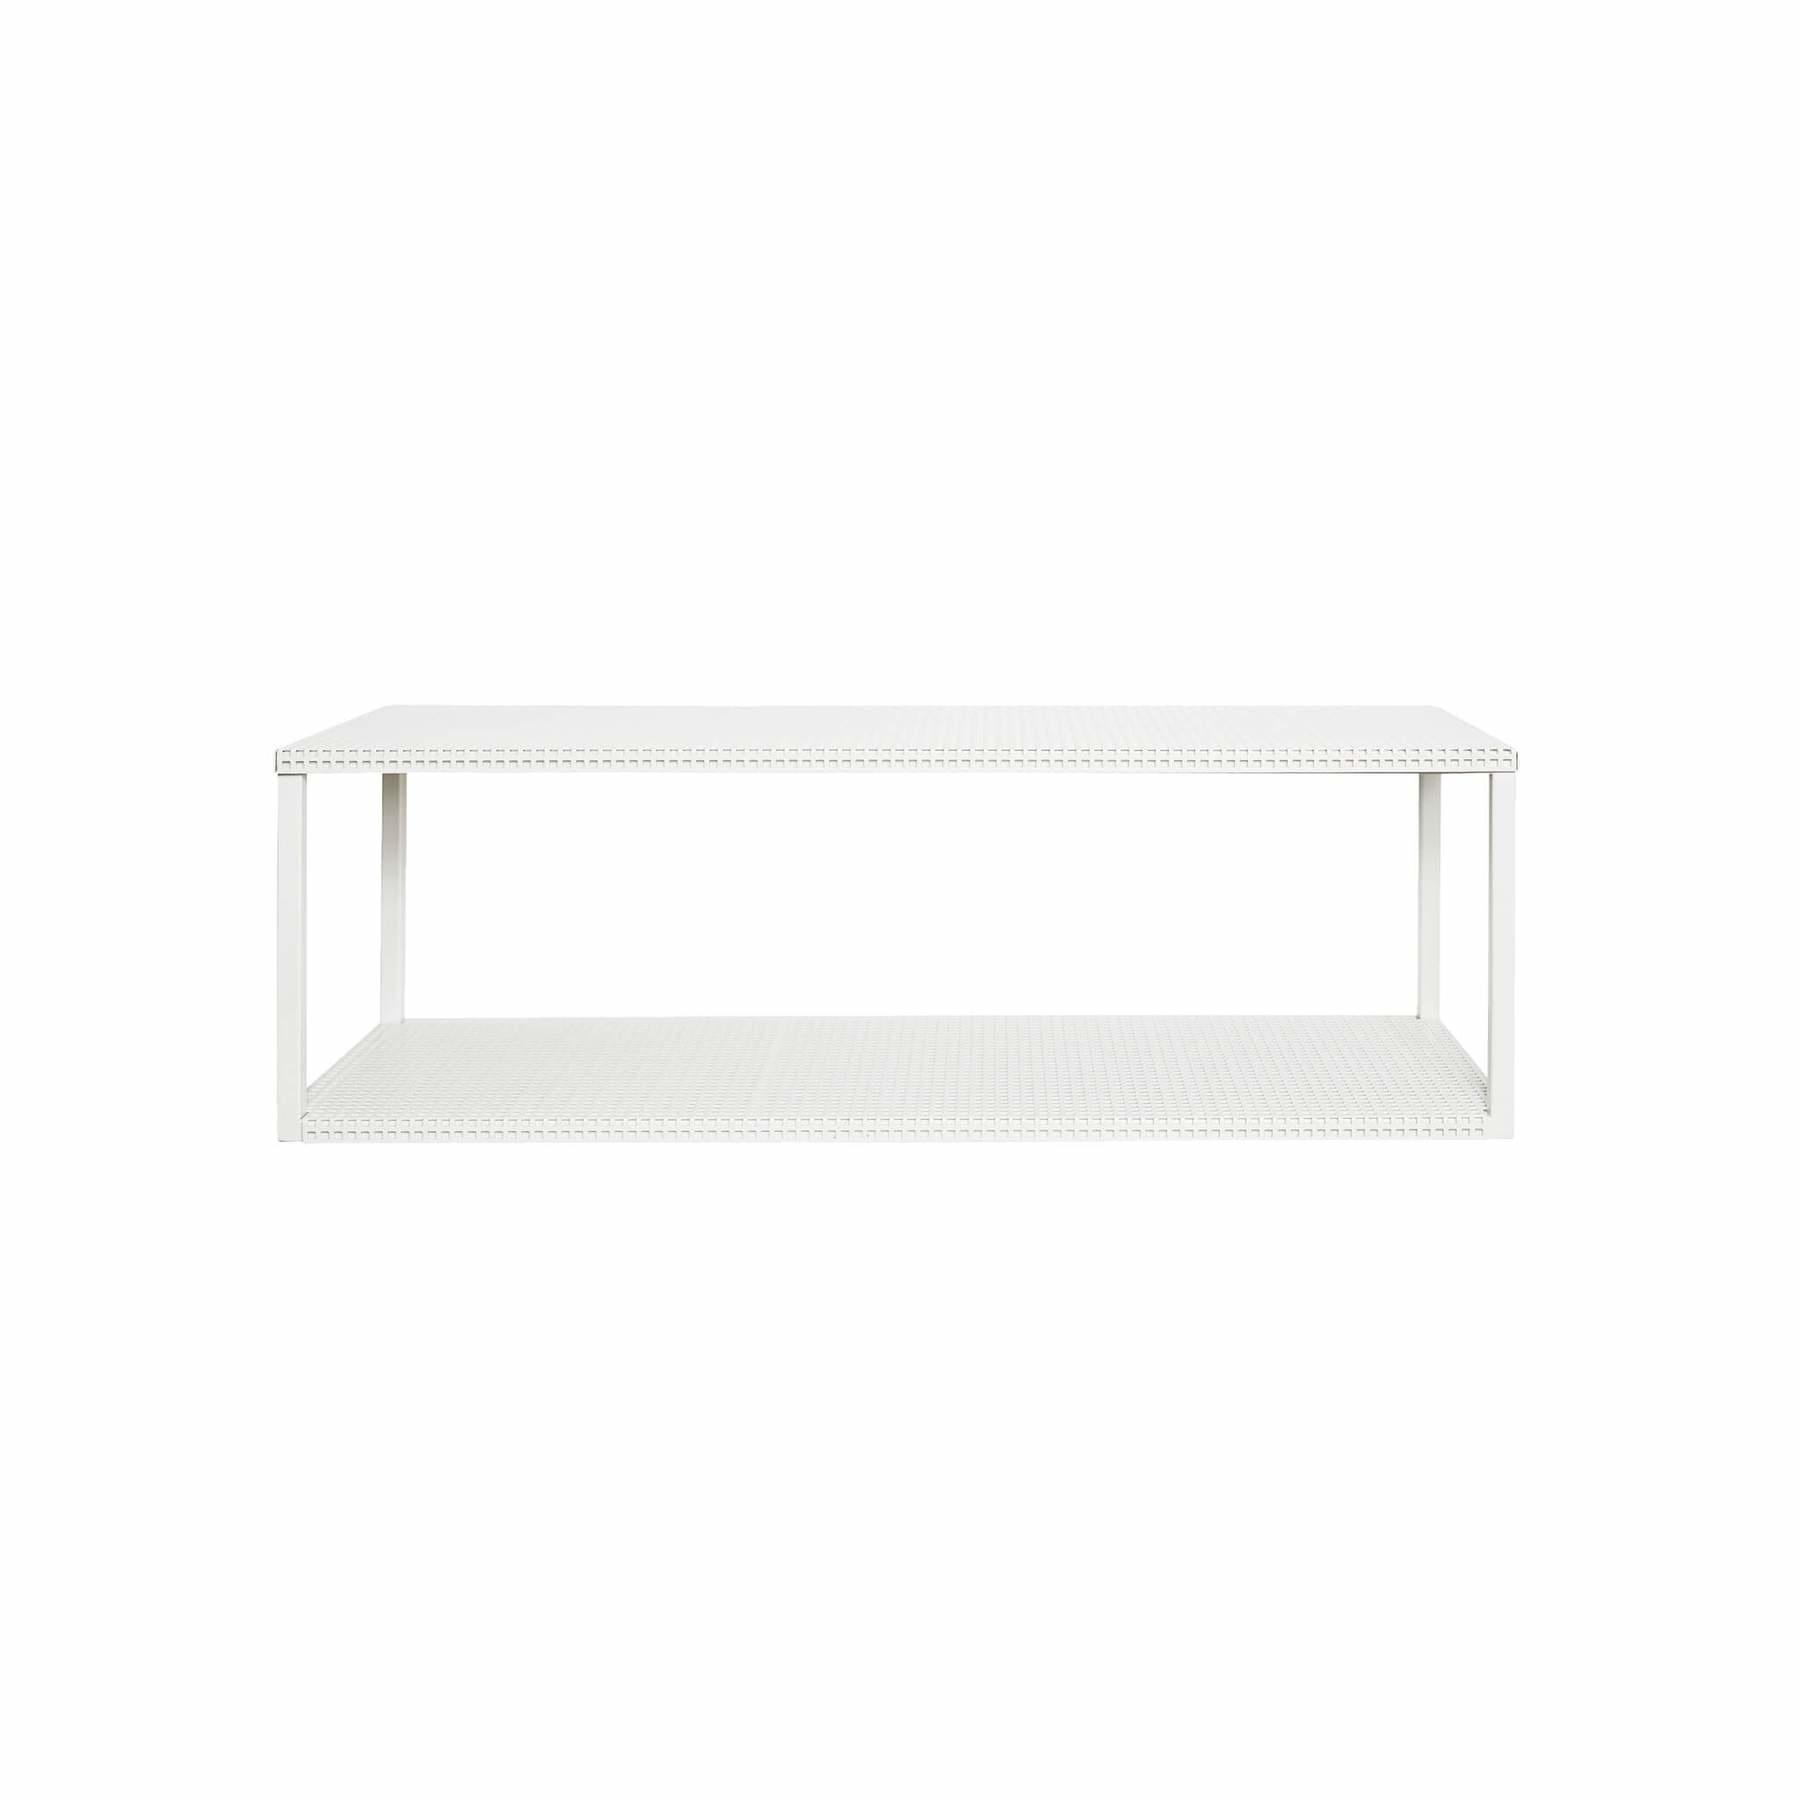 Toonzaalmodel Grid Wall Shelf  White-1